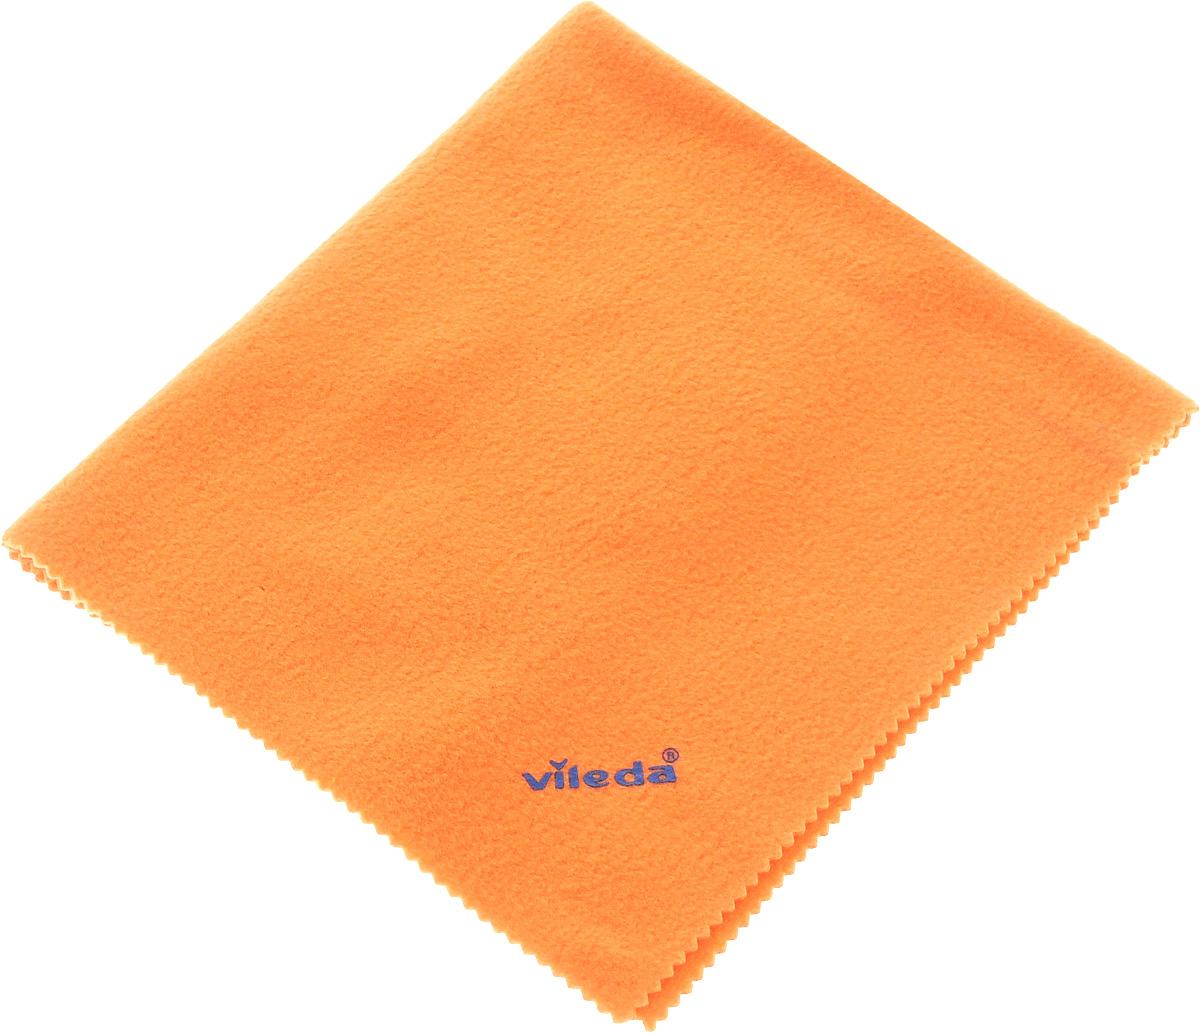 Салфетка для уборки Vileda Soft Dust Cloth, 40 х 30 см125361Салфетка Vileda Soft Dust Cloth предназначена для сухой уборки помещения от пыли. Благодаря электростатическому эффекту она собирает на 40% больше пыли по сравнению с обычными салфетками. Салфетка очень мягкая и приятная на ощупь.